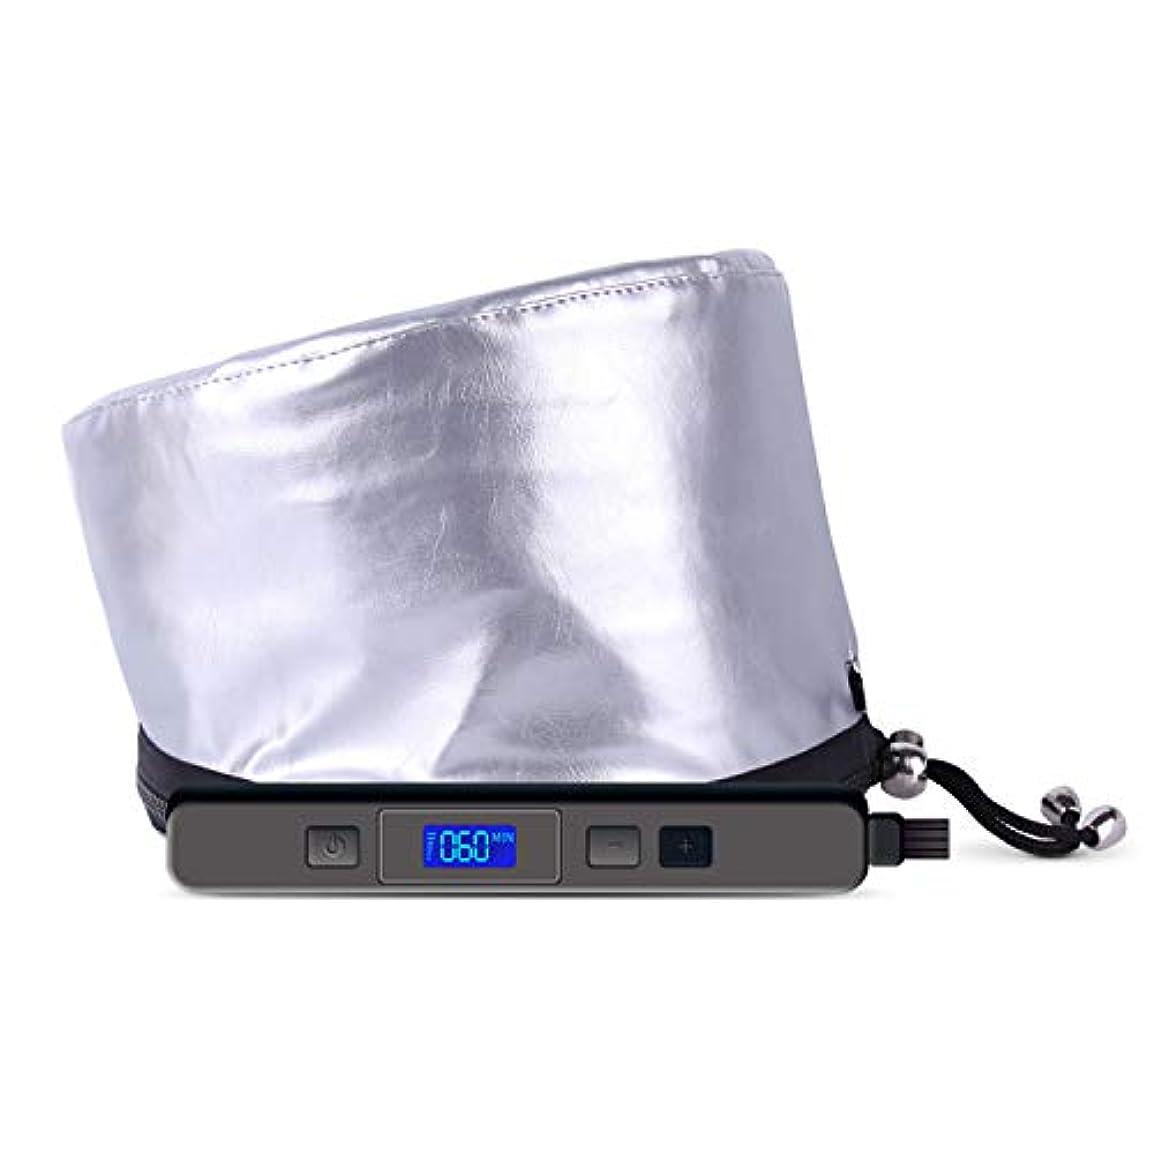 おじいちゃん半径間違いヒートキャップ LED温度表示可調節深い浸透の毛および頭皮裏外防水髪染め トリートメント加温キャップ女性たち110V